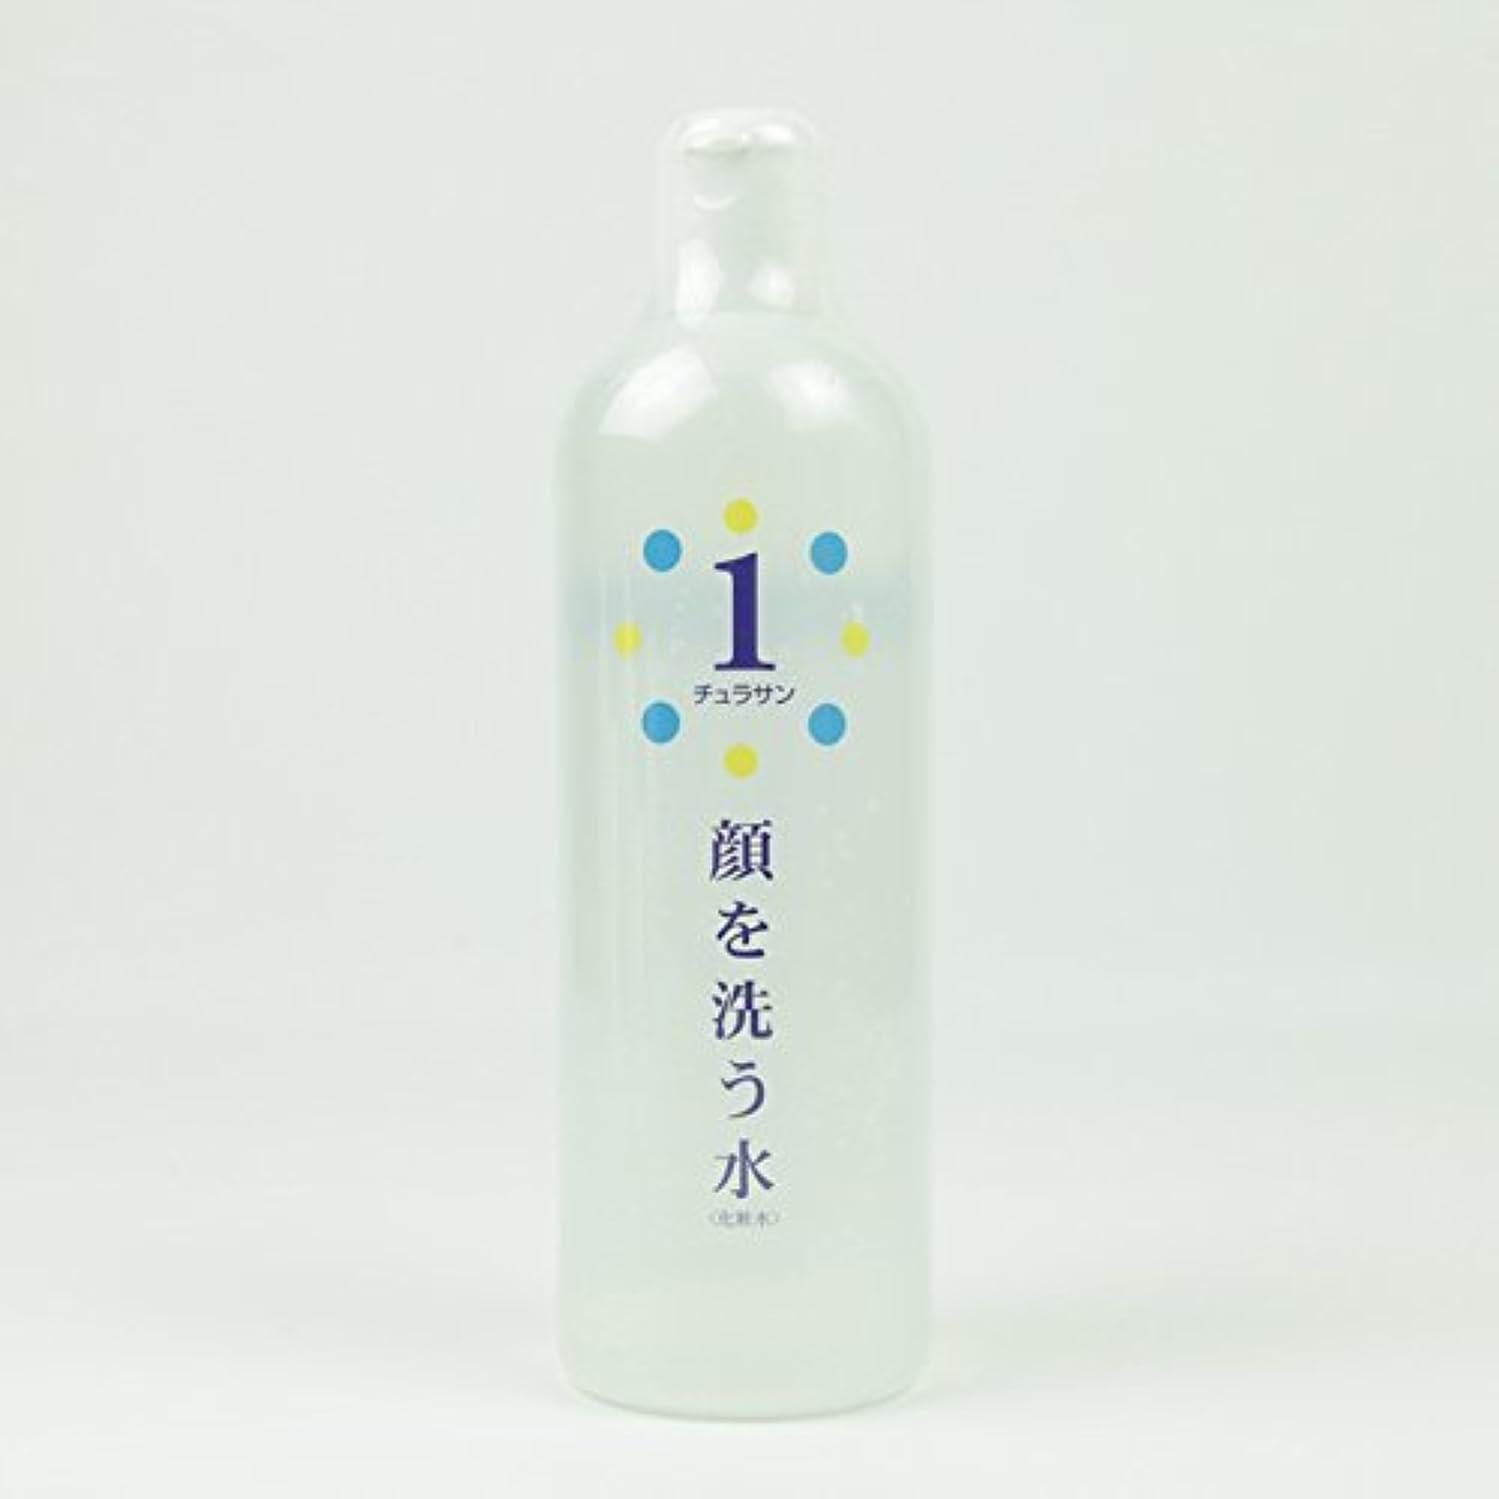 ジャングルたっぷり耐えられるチュラサン1 【顔を洗う水】 500ml